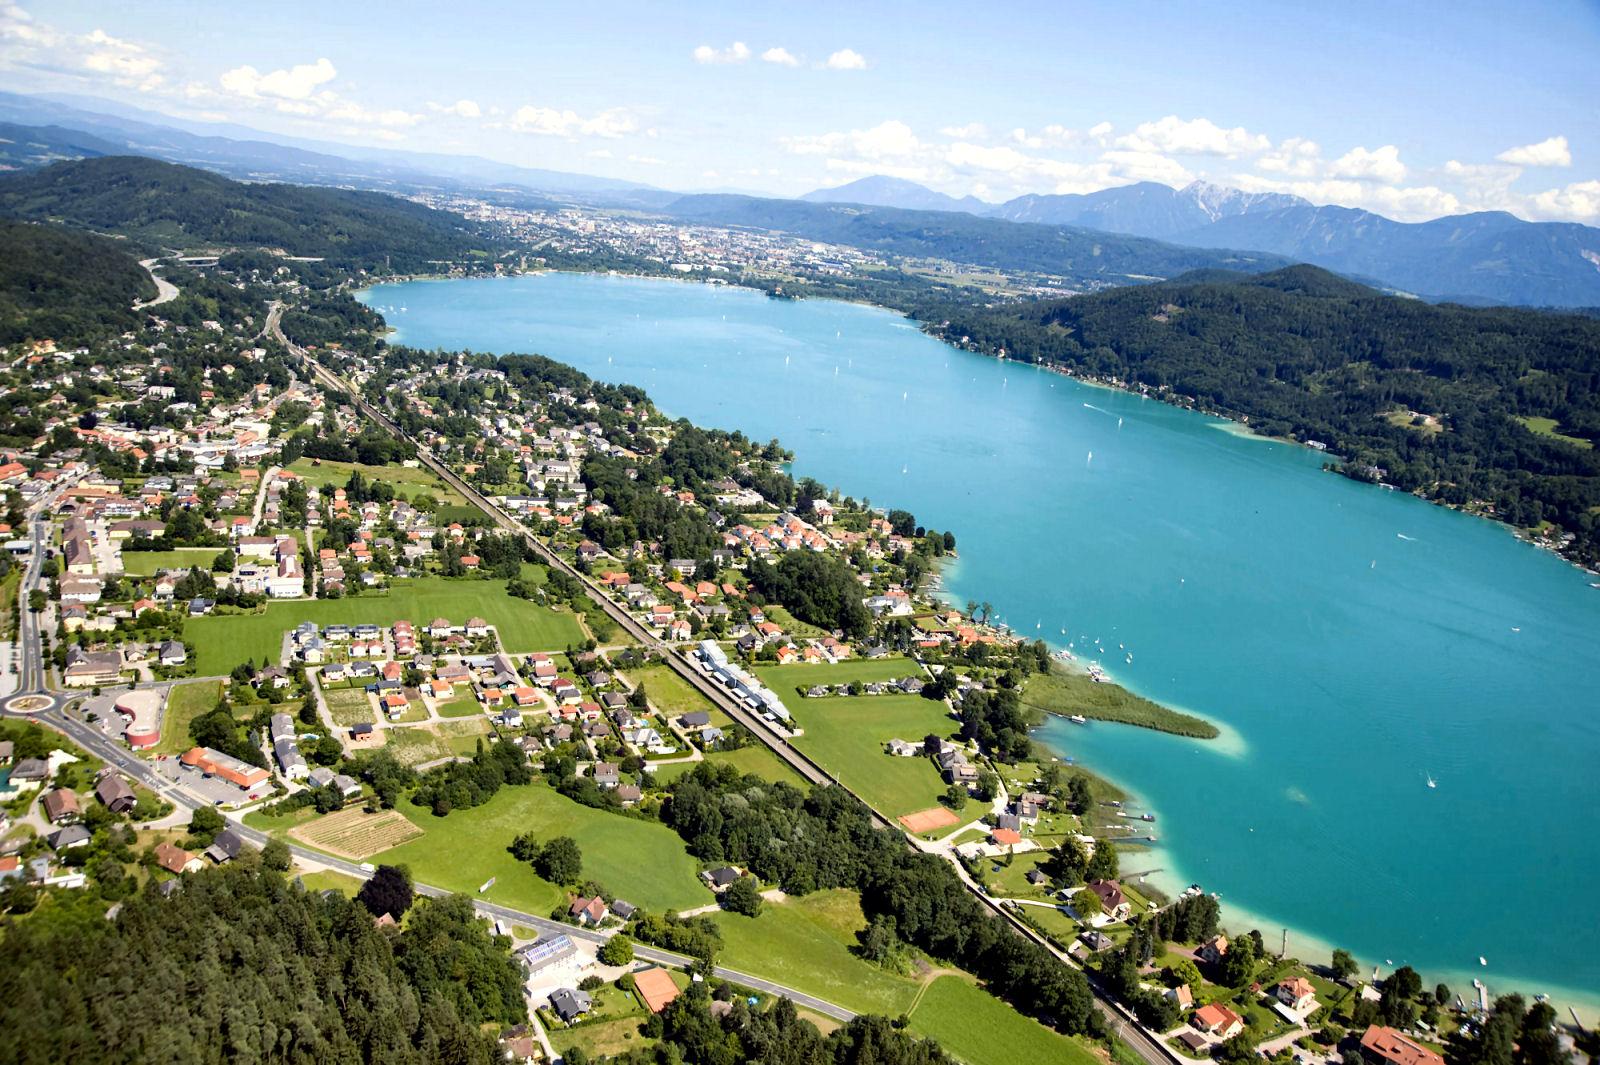 lake-woerthersee-klagenfurt-austria